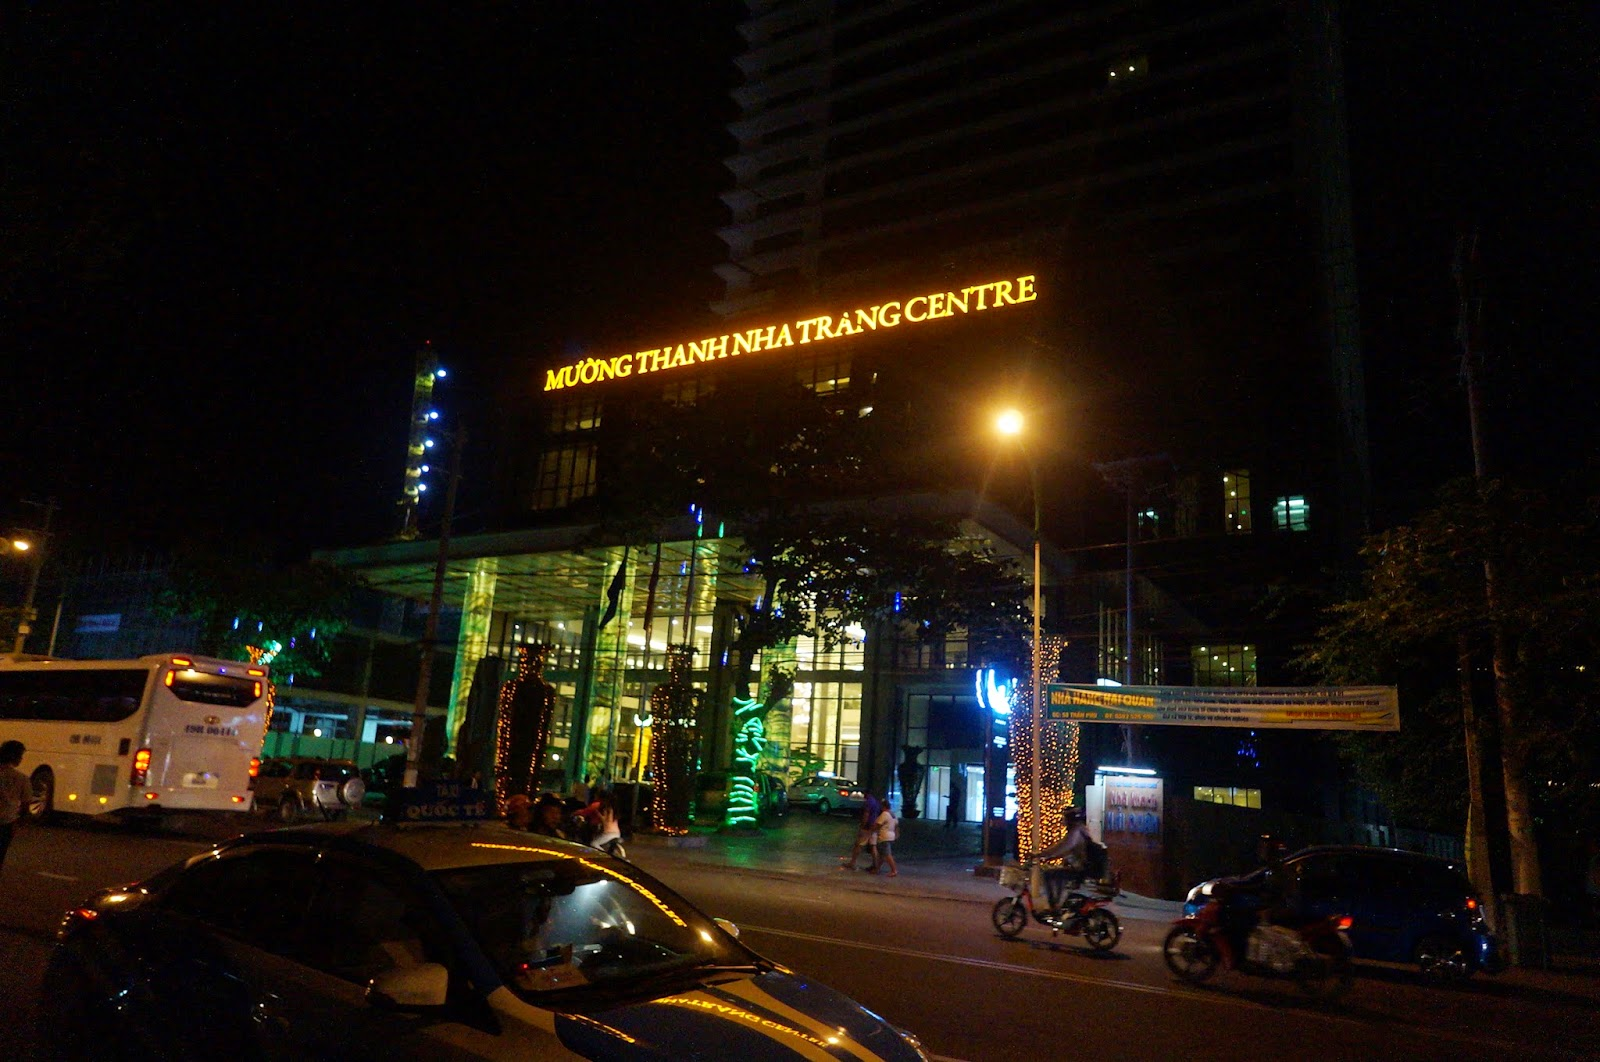 Muong-Thanh-Nha-Trang-Centre